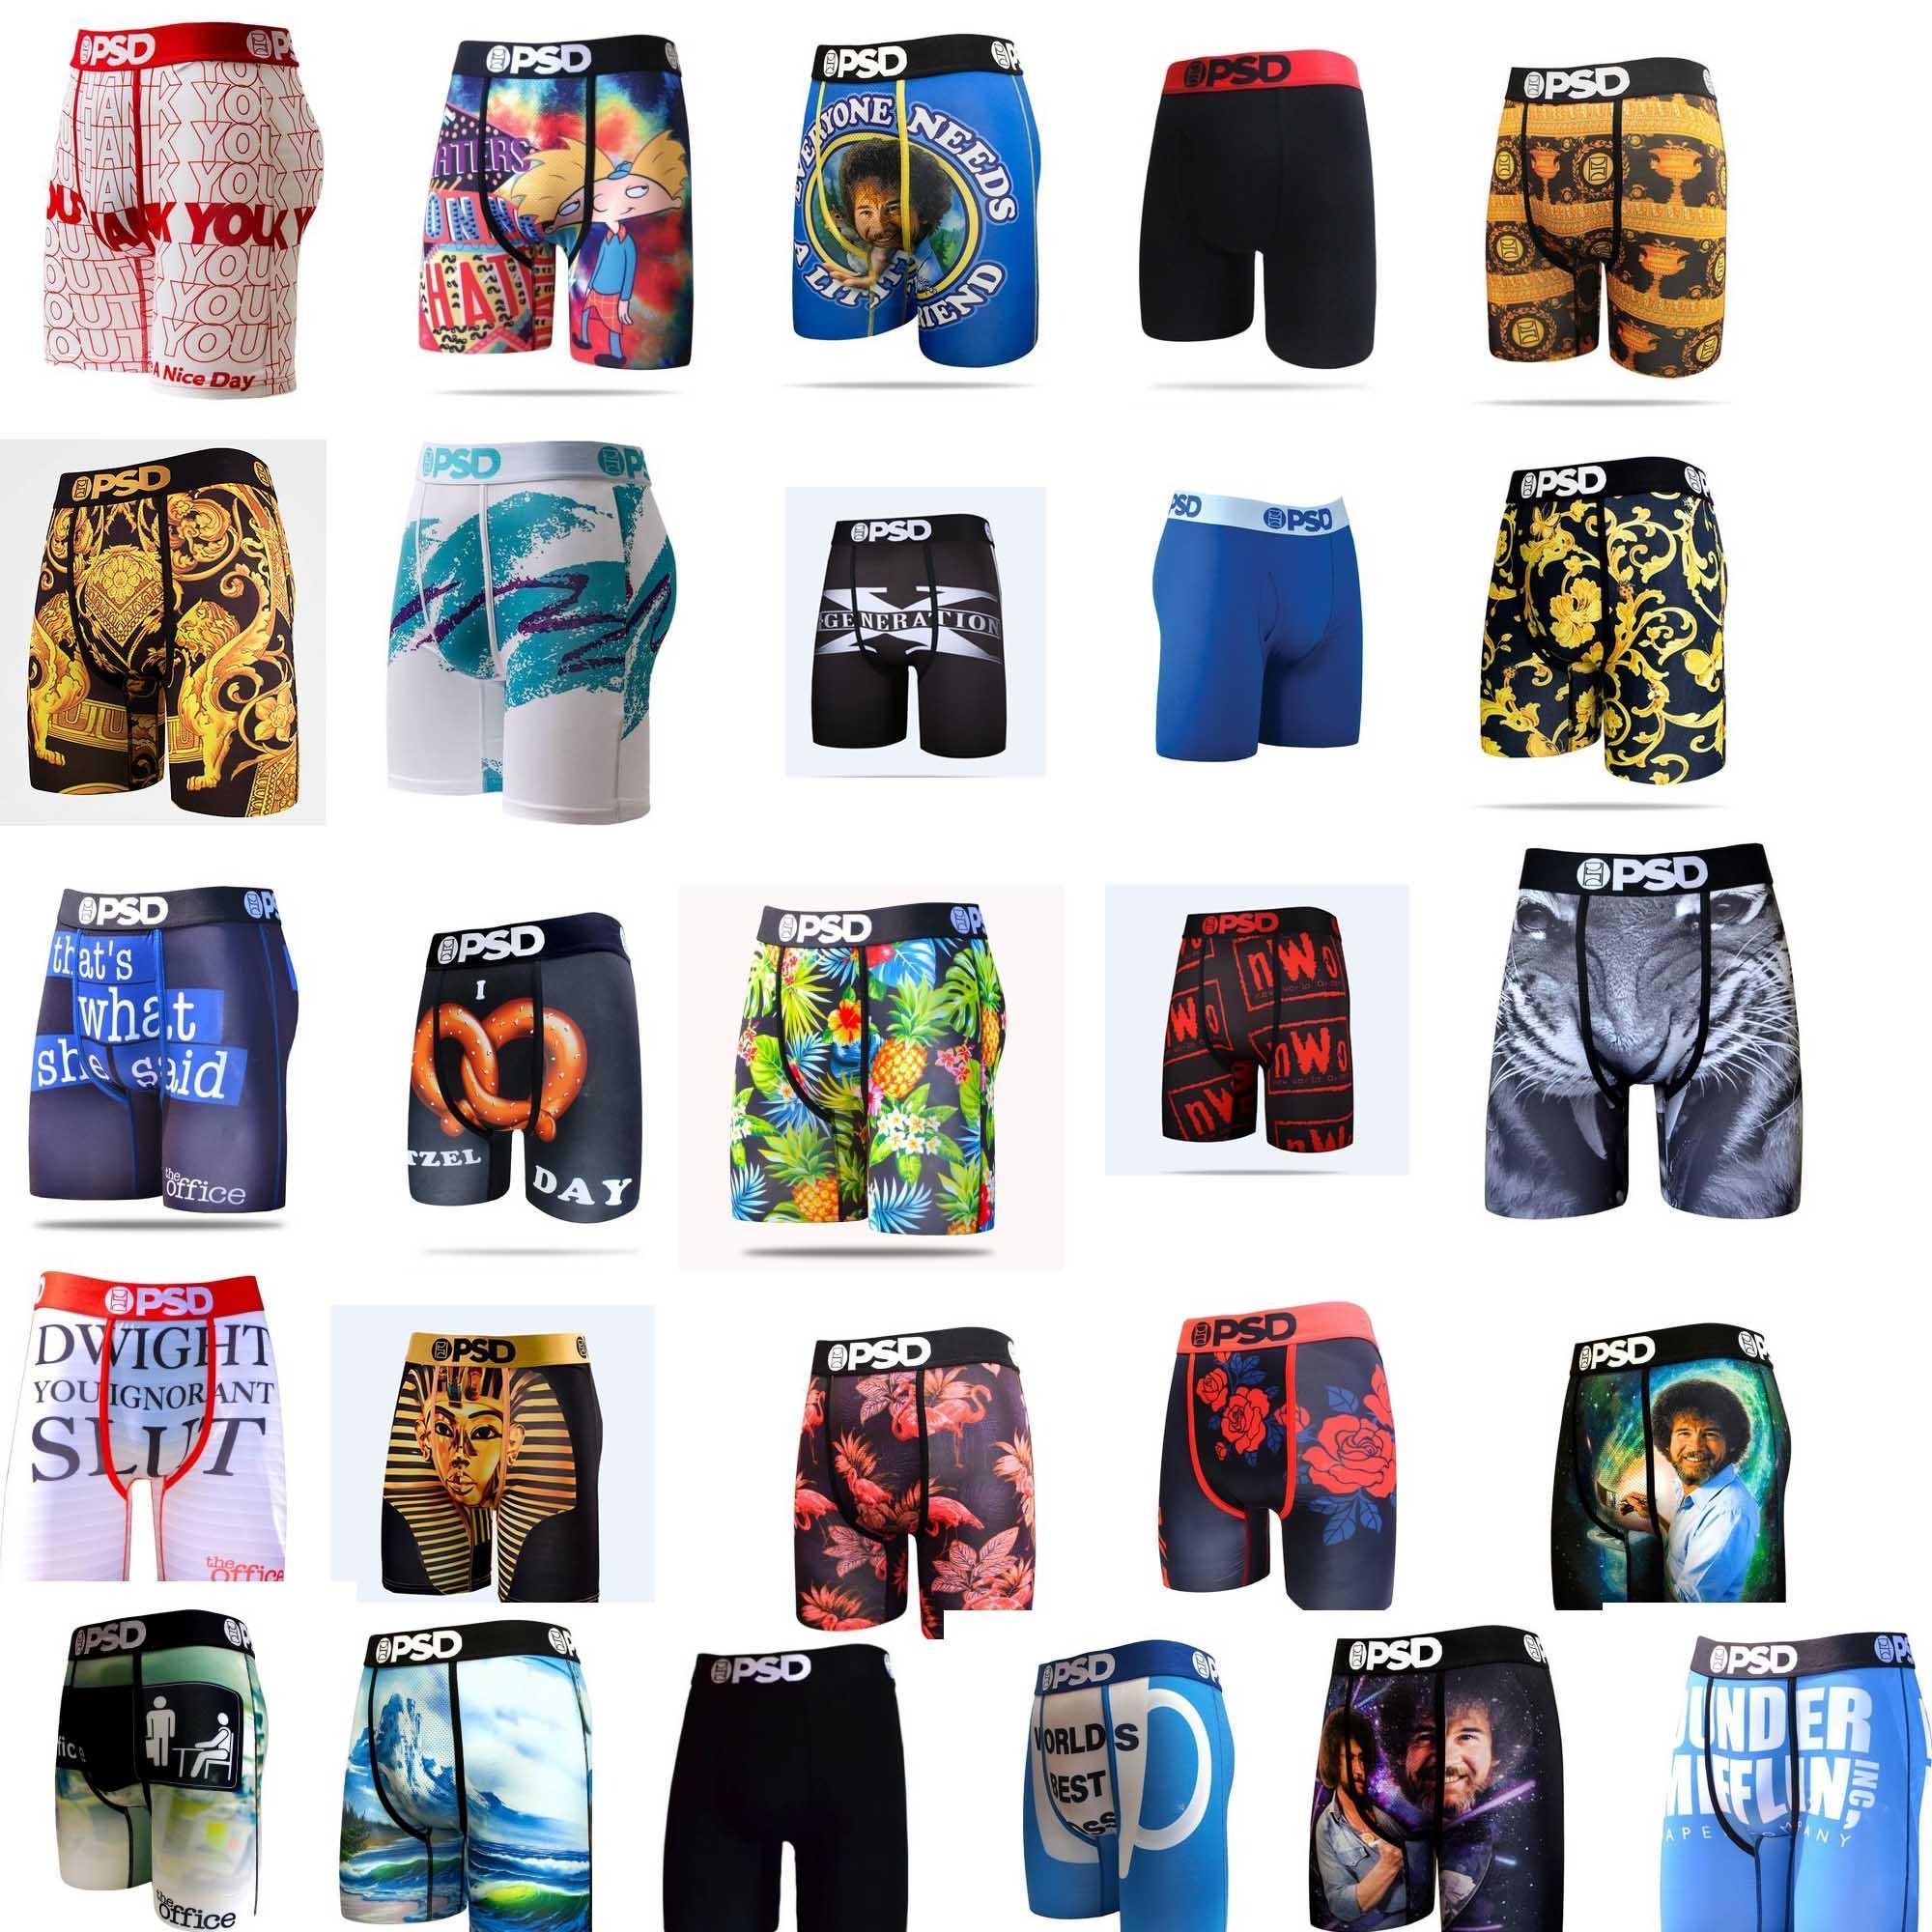 6pcs lot de haute qualité 20 couleurs sexy coton hommes boxeurs respirantes hommes sous-vêtements de marque boxeurs logo sous-vêtements mâle psd boxeur